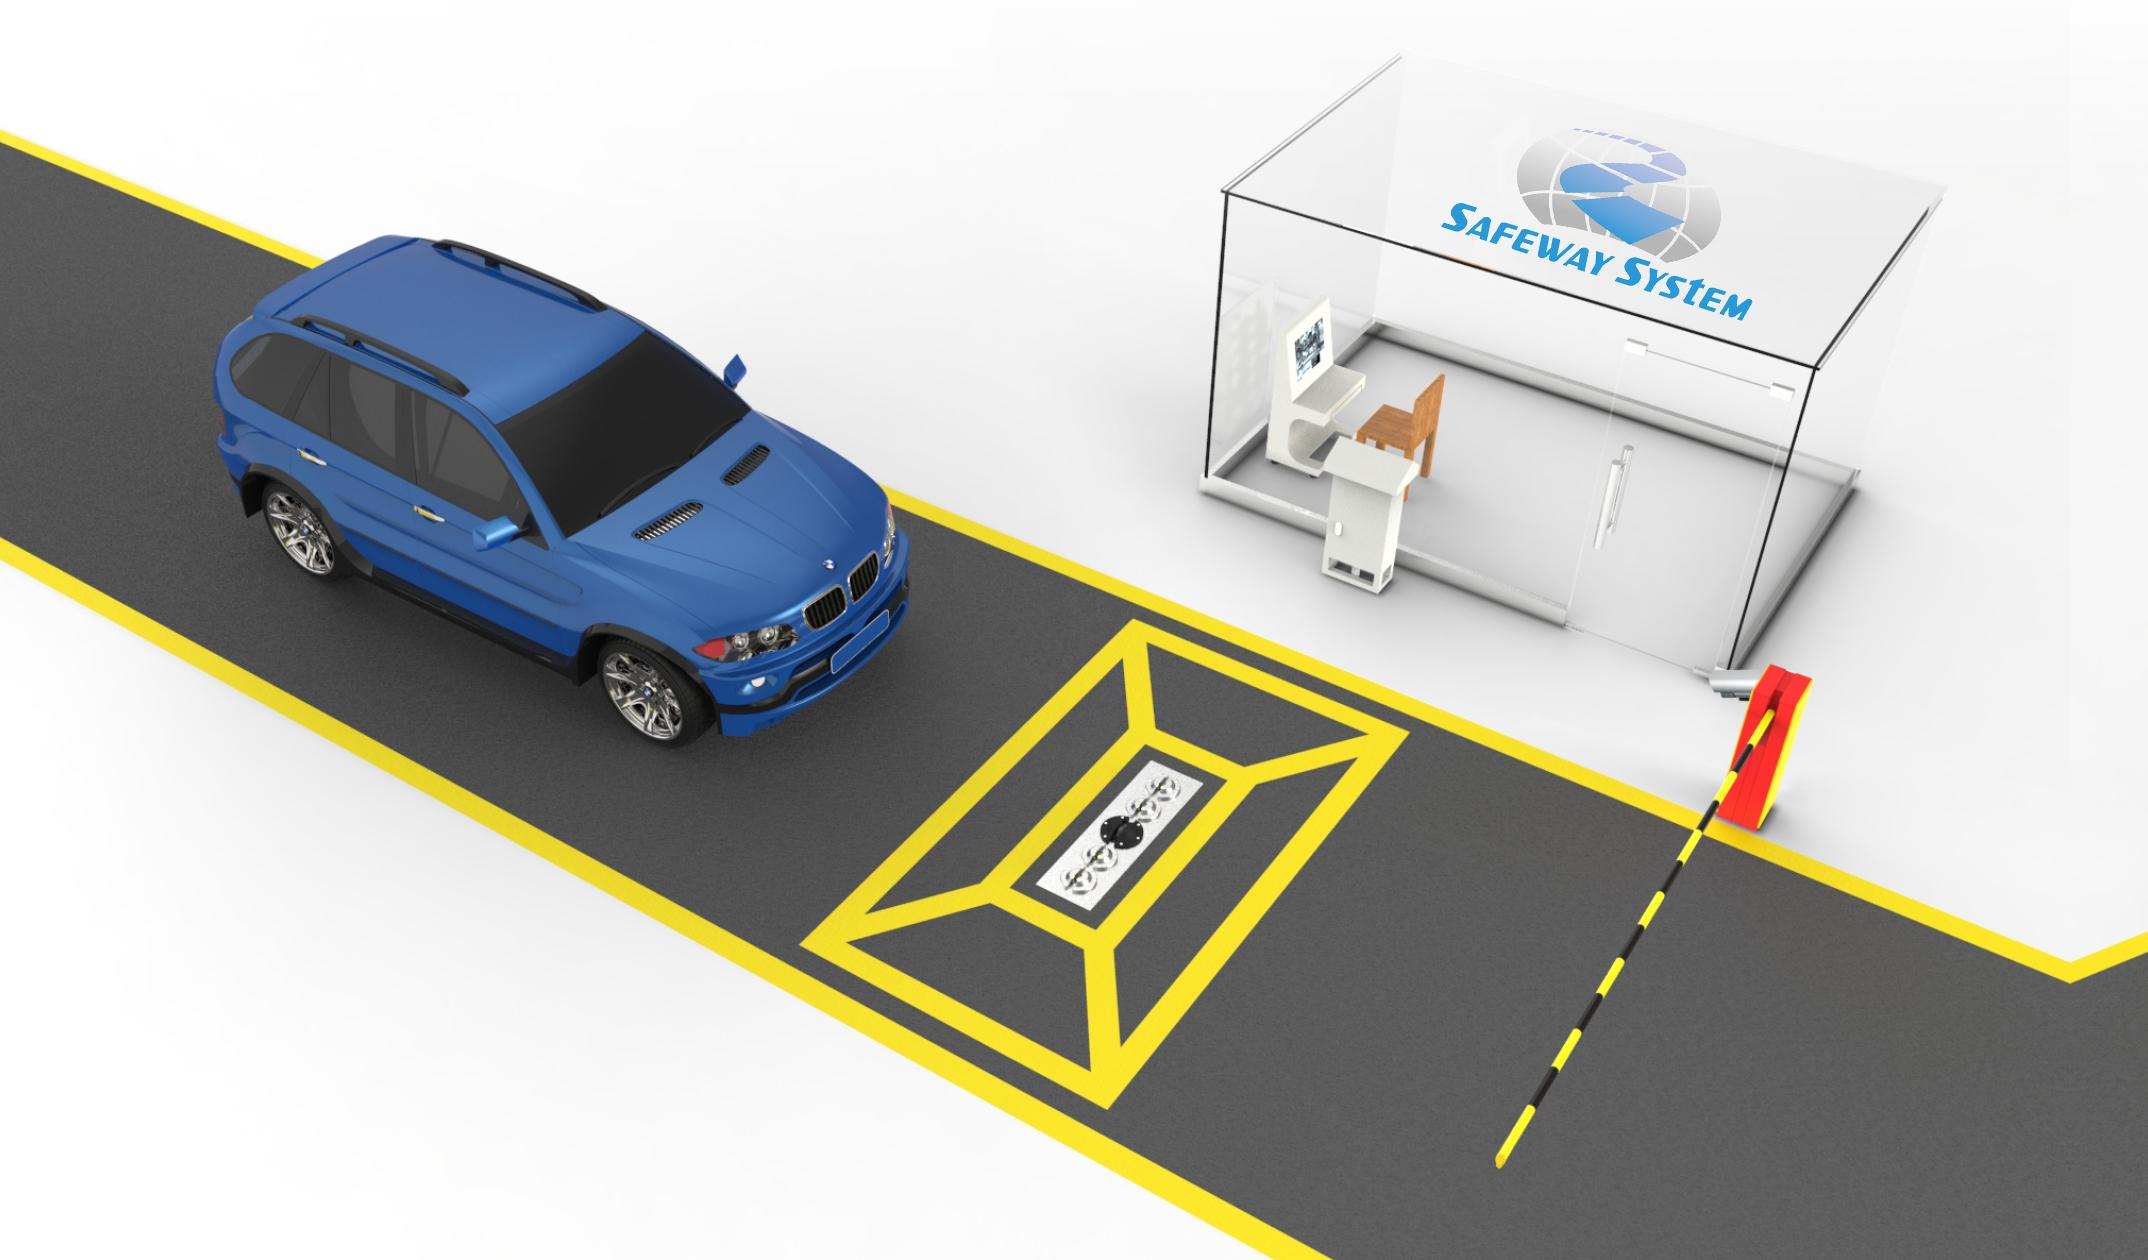 Under Vehicle Surveillance System - Car Scanner